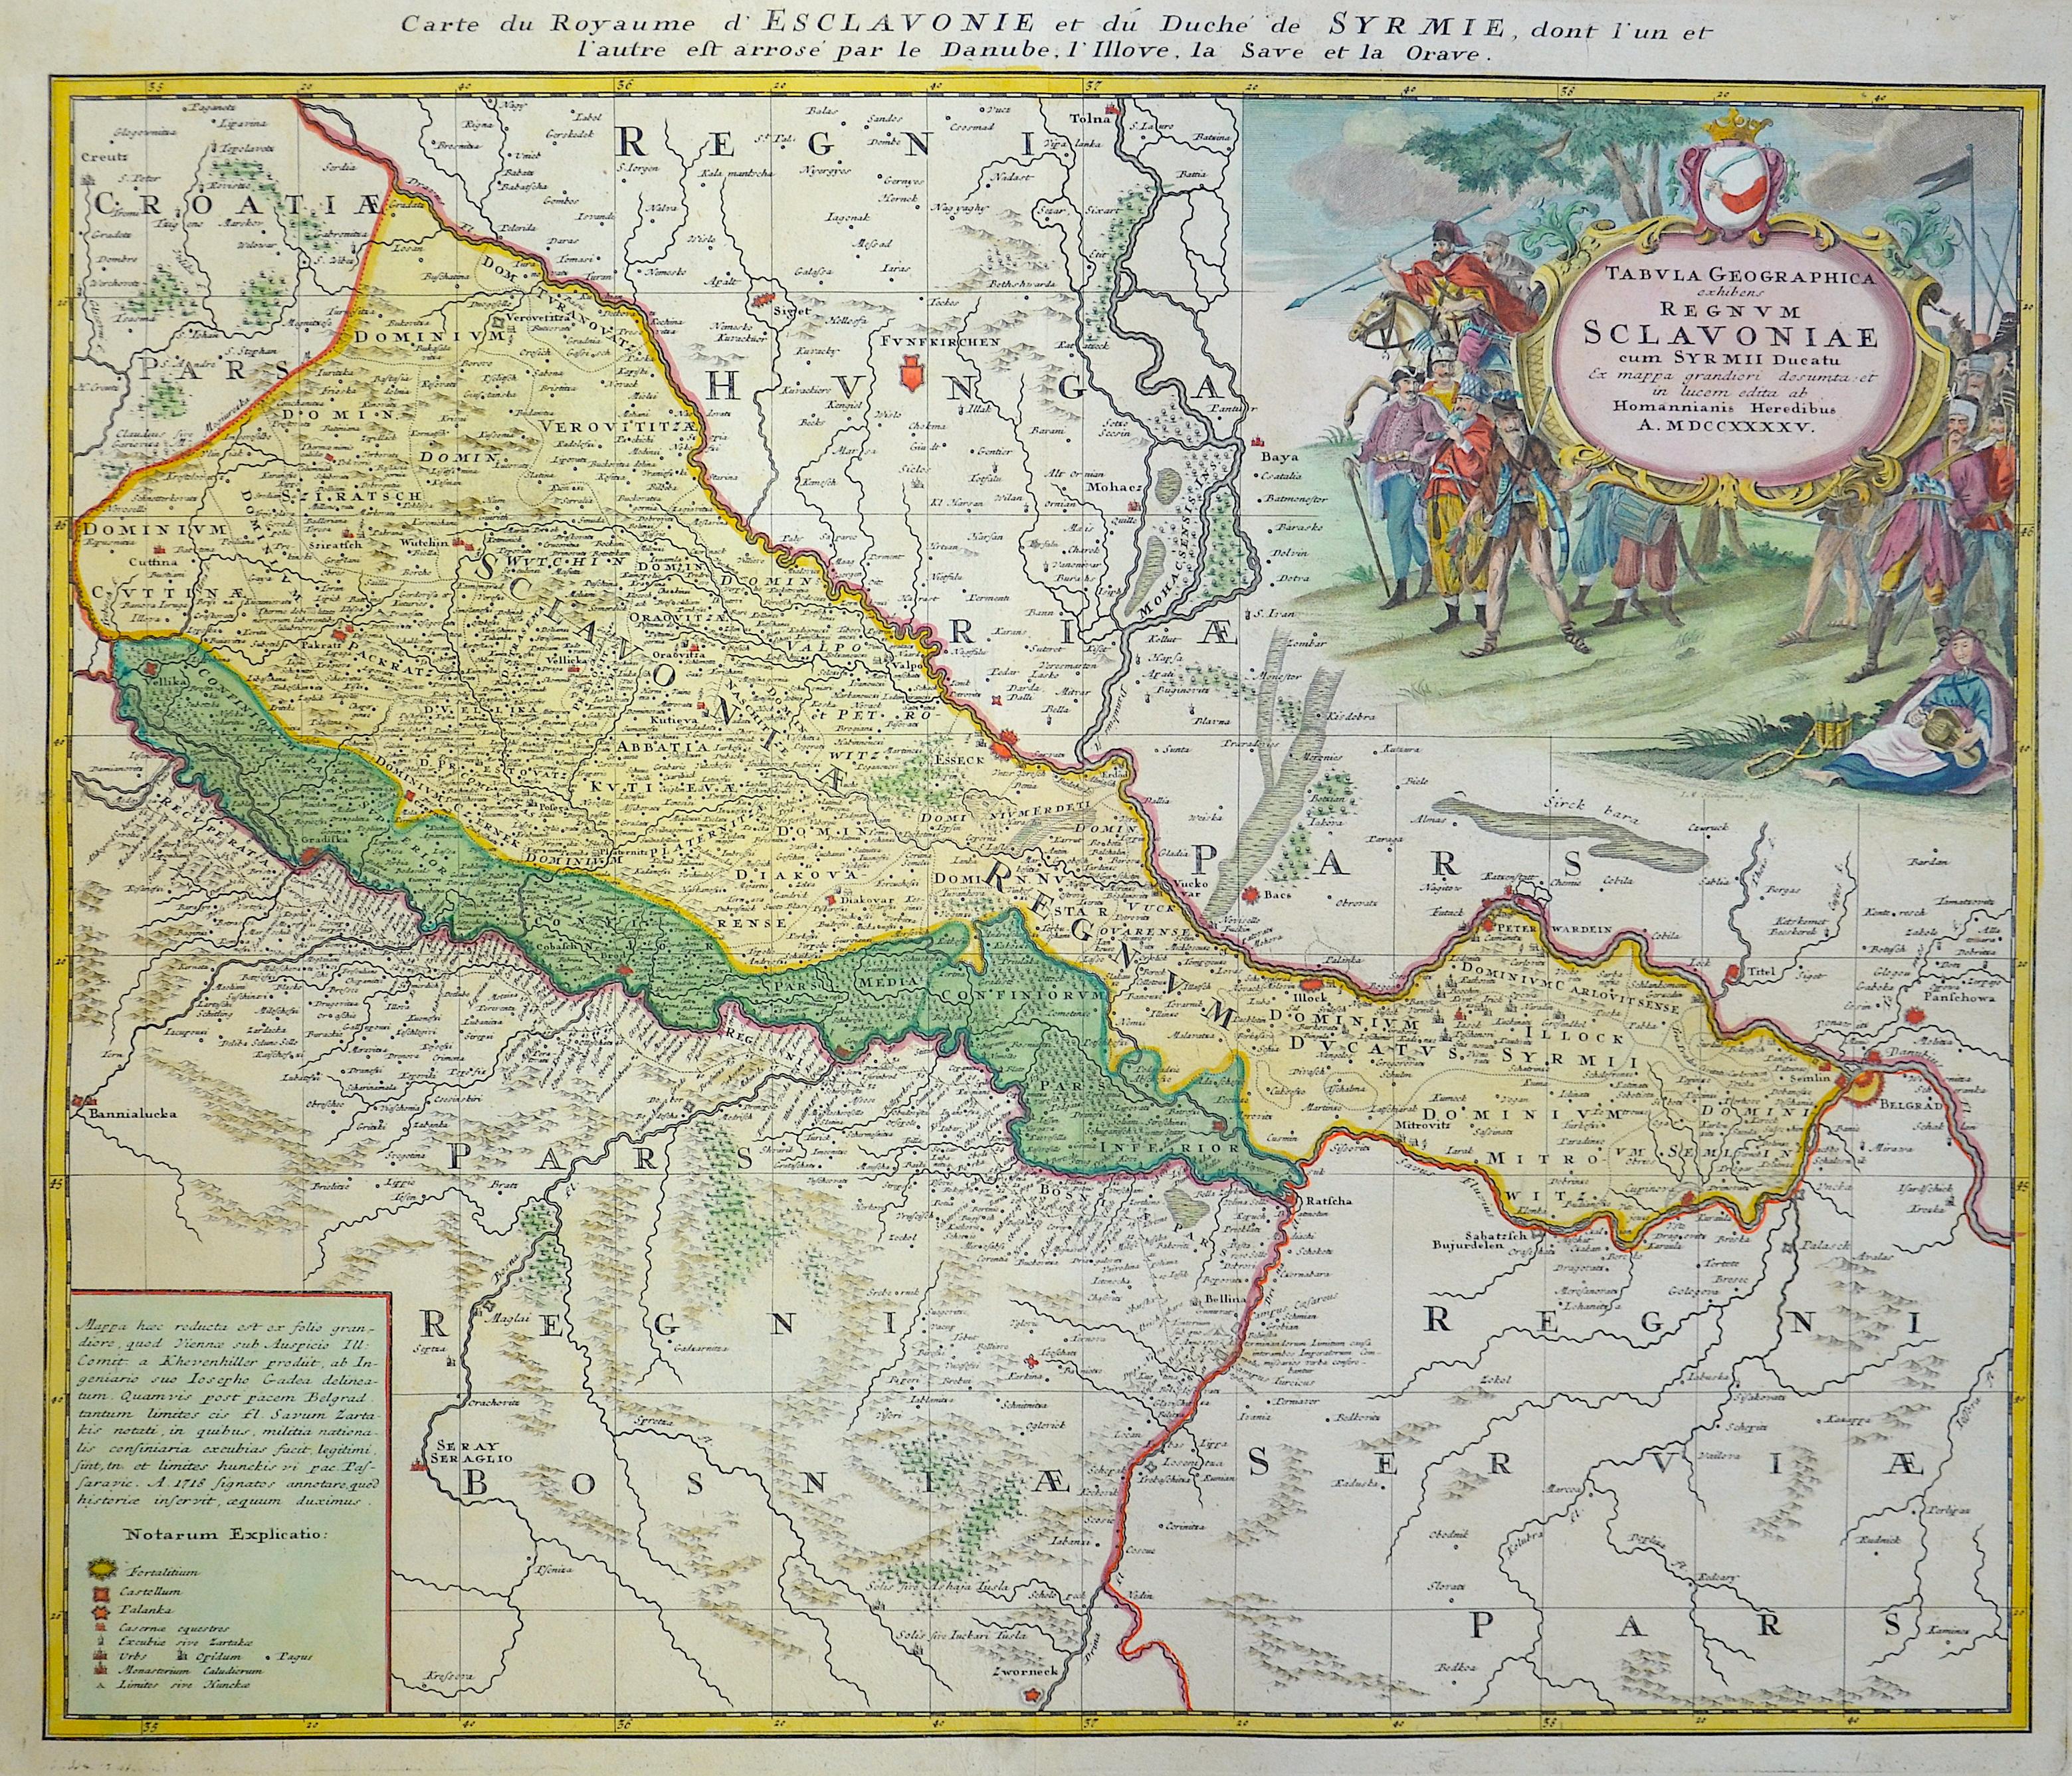 Homann Erben  Tabula geographica exhibens Regnum Sclavoniae cum sur mii ducatu..